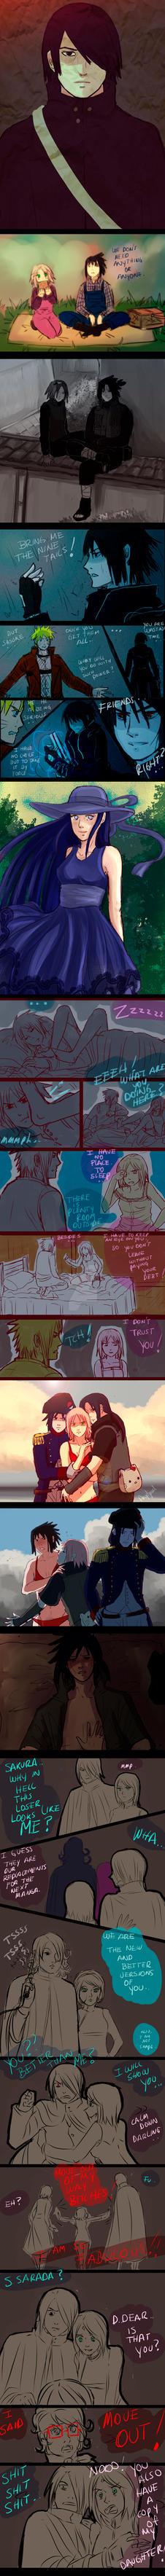 ++++ Naruto doodles (7) ++++ by AngelJasiel